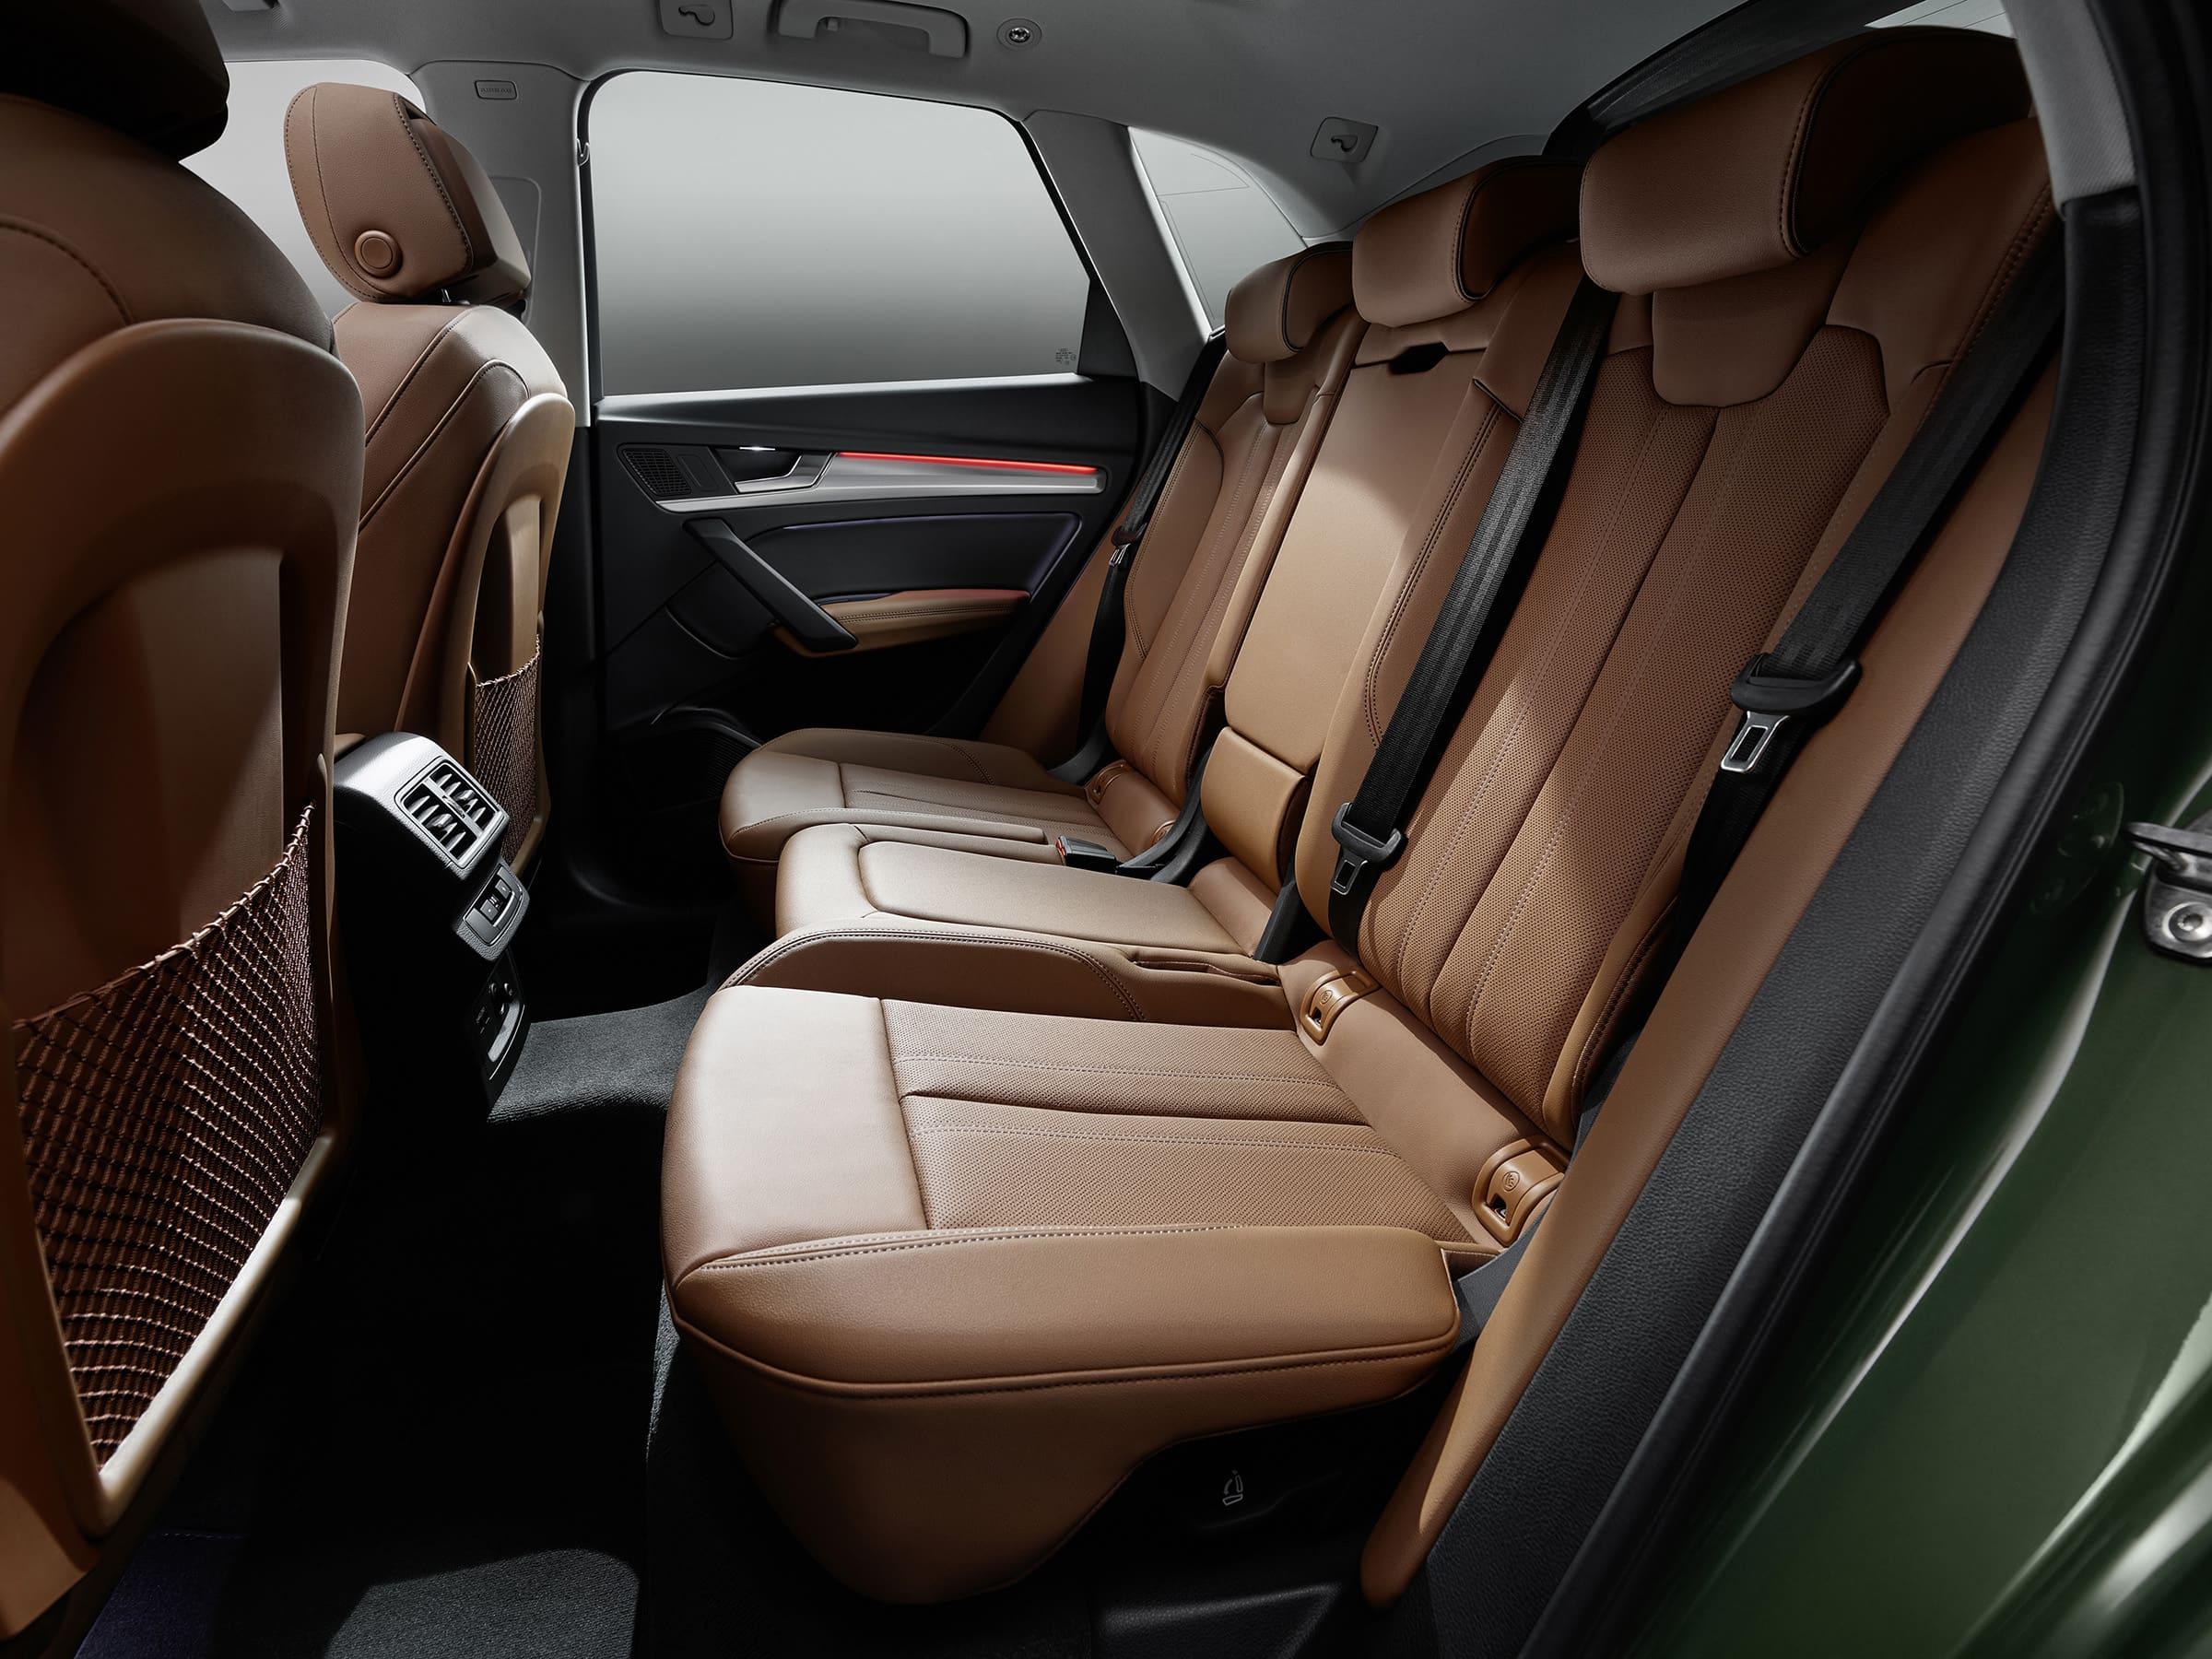 Ο εσωτερικός σχεδιασμός του Audi Q5. Αίσθηση ευρυχωρίας, άνεσης και κορυφαίας ποιότητας